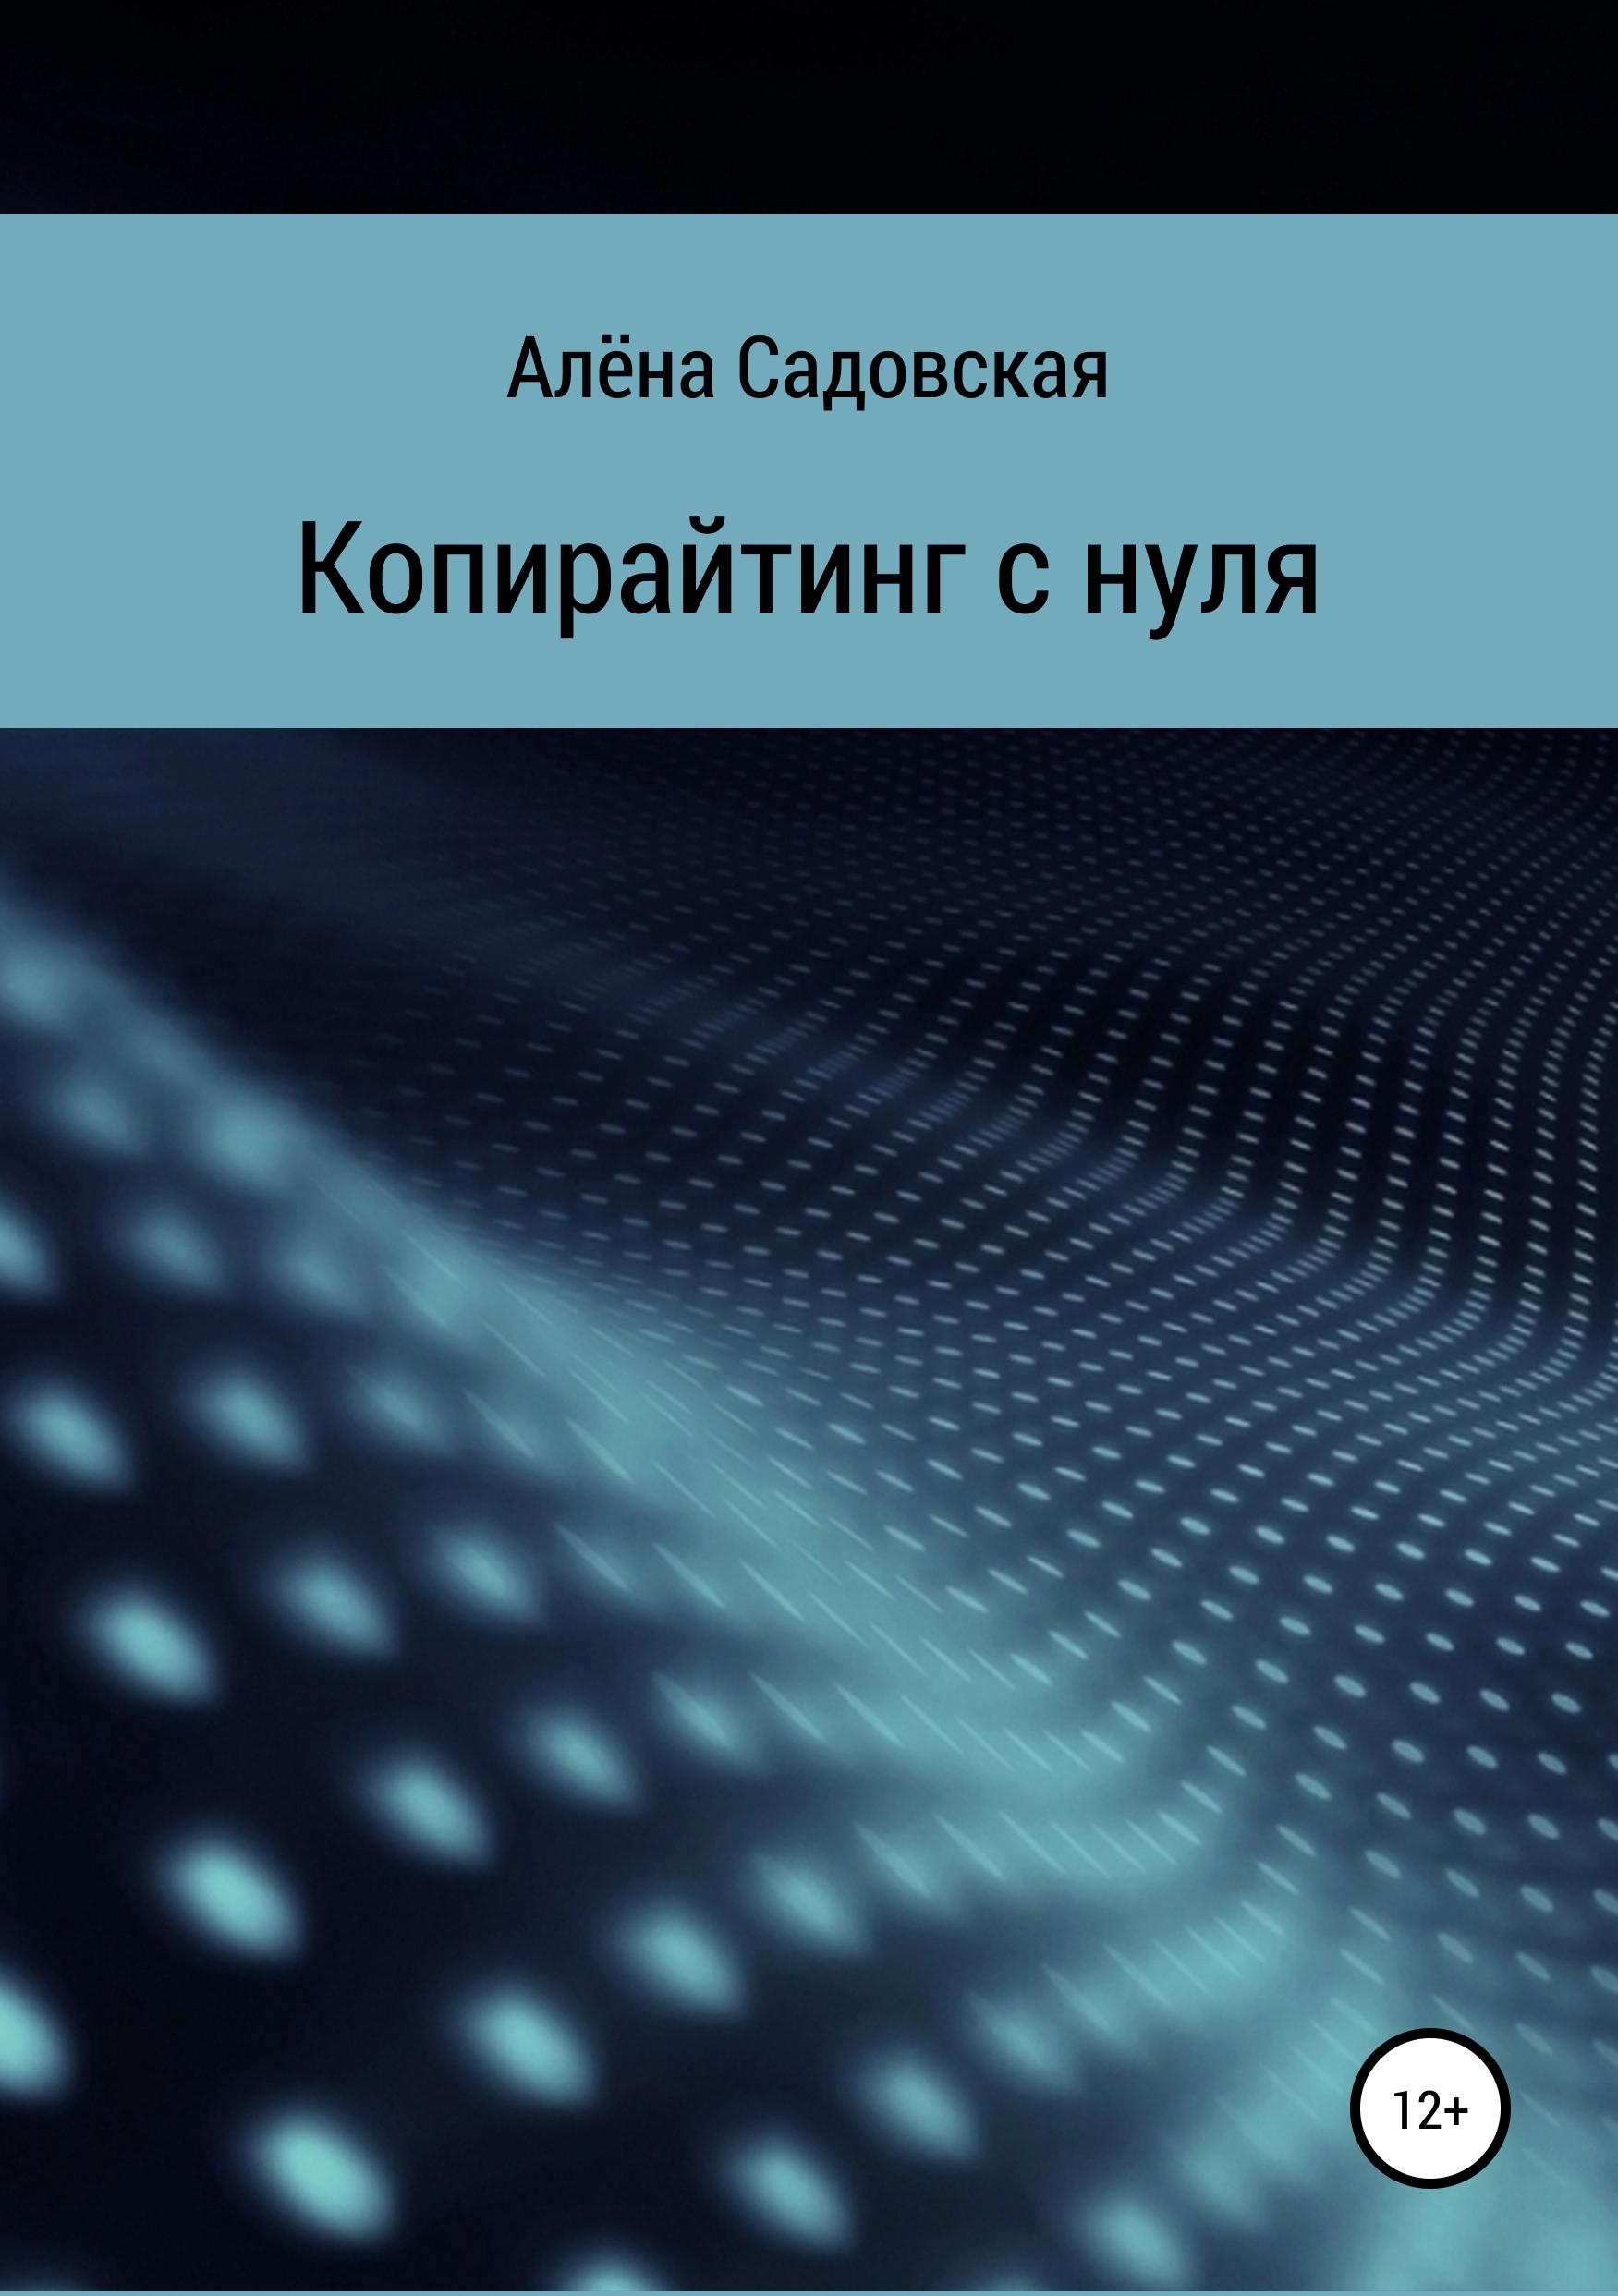 Обложка книги. Автор - Алёна Садовская